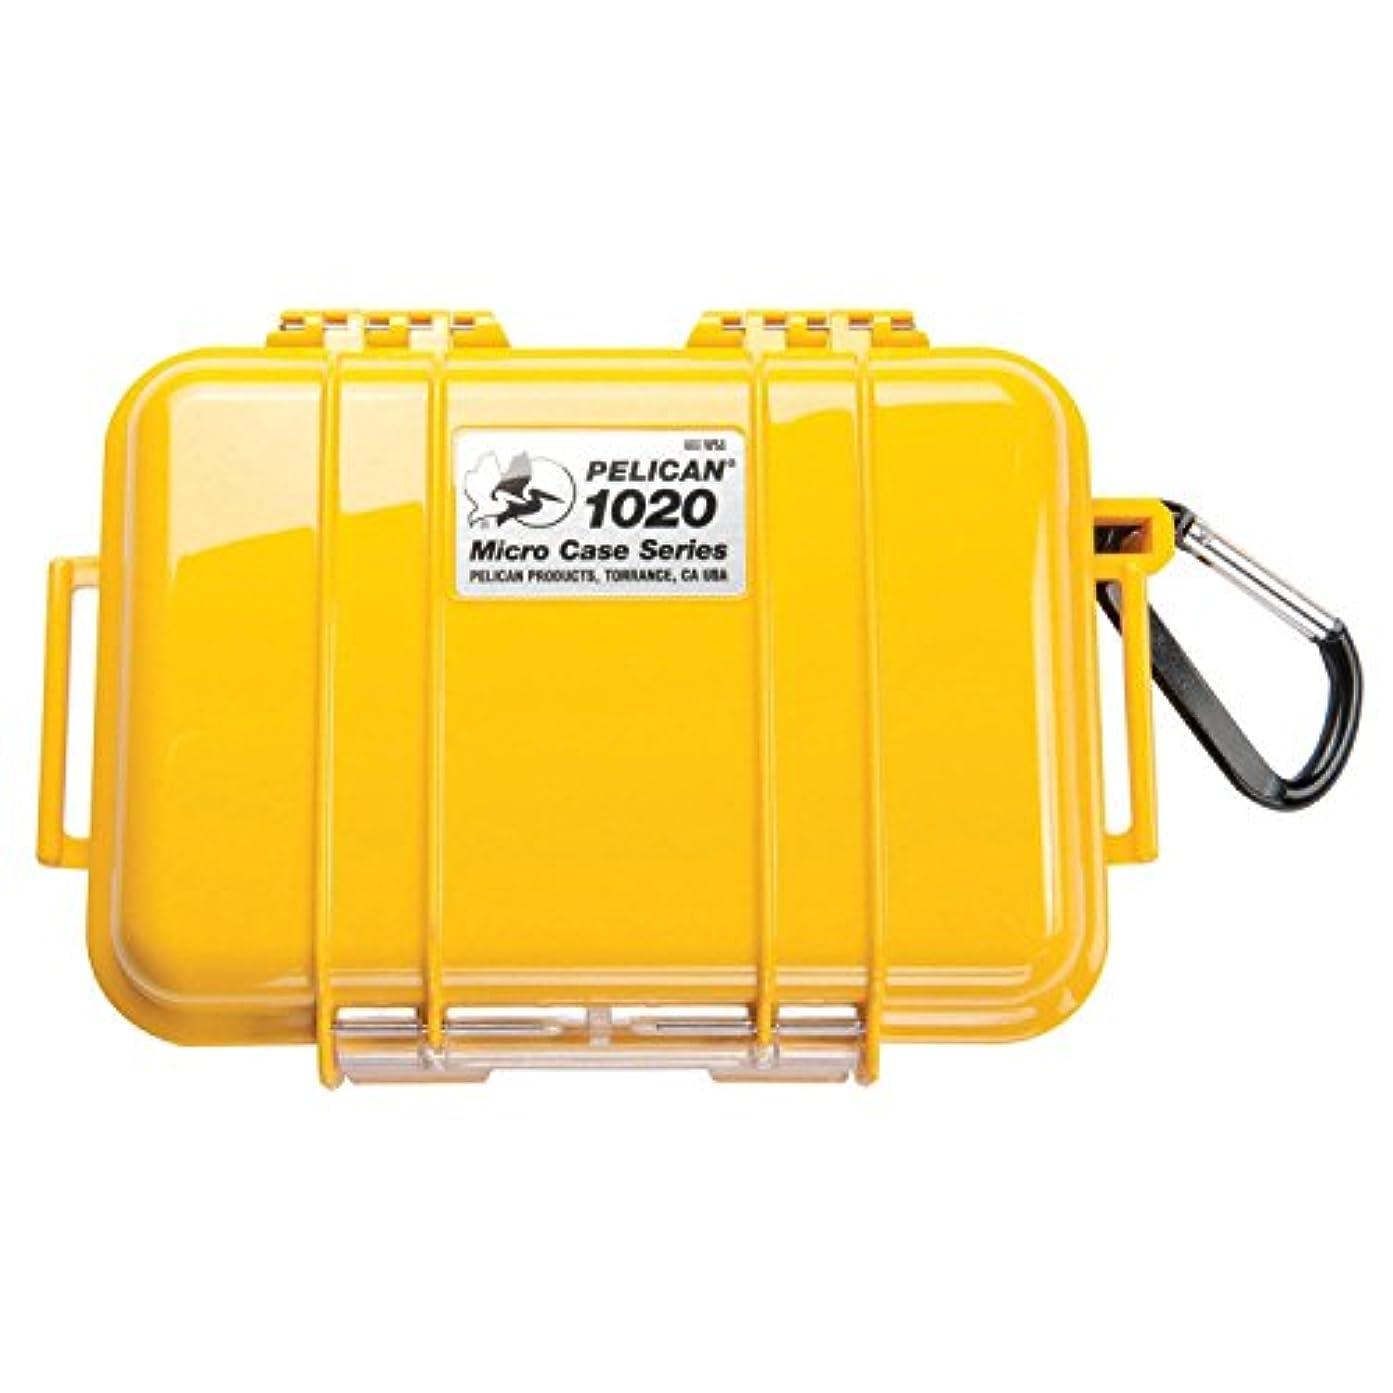 批判的にラウズ湿ったペリカン PELICAN 1020 N 小型防水ハードケース (イエロー) 1020-025-240 [並行輸入品]